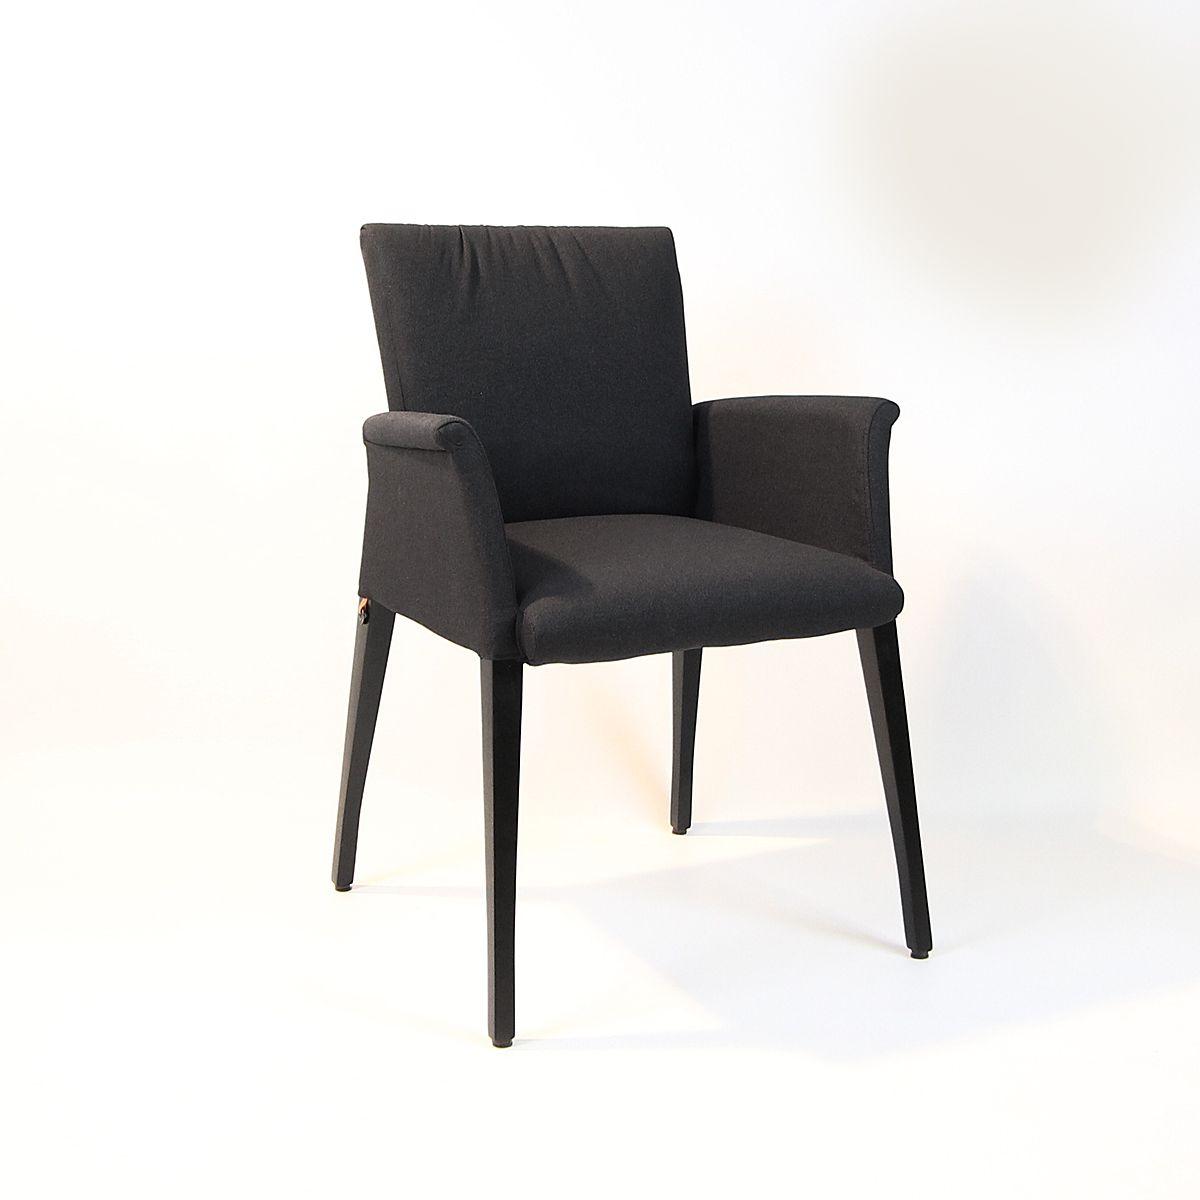 6 stoelen Pure AANBIEDING! van € 1959,00 voor € 1299,00